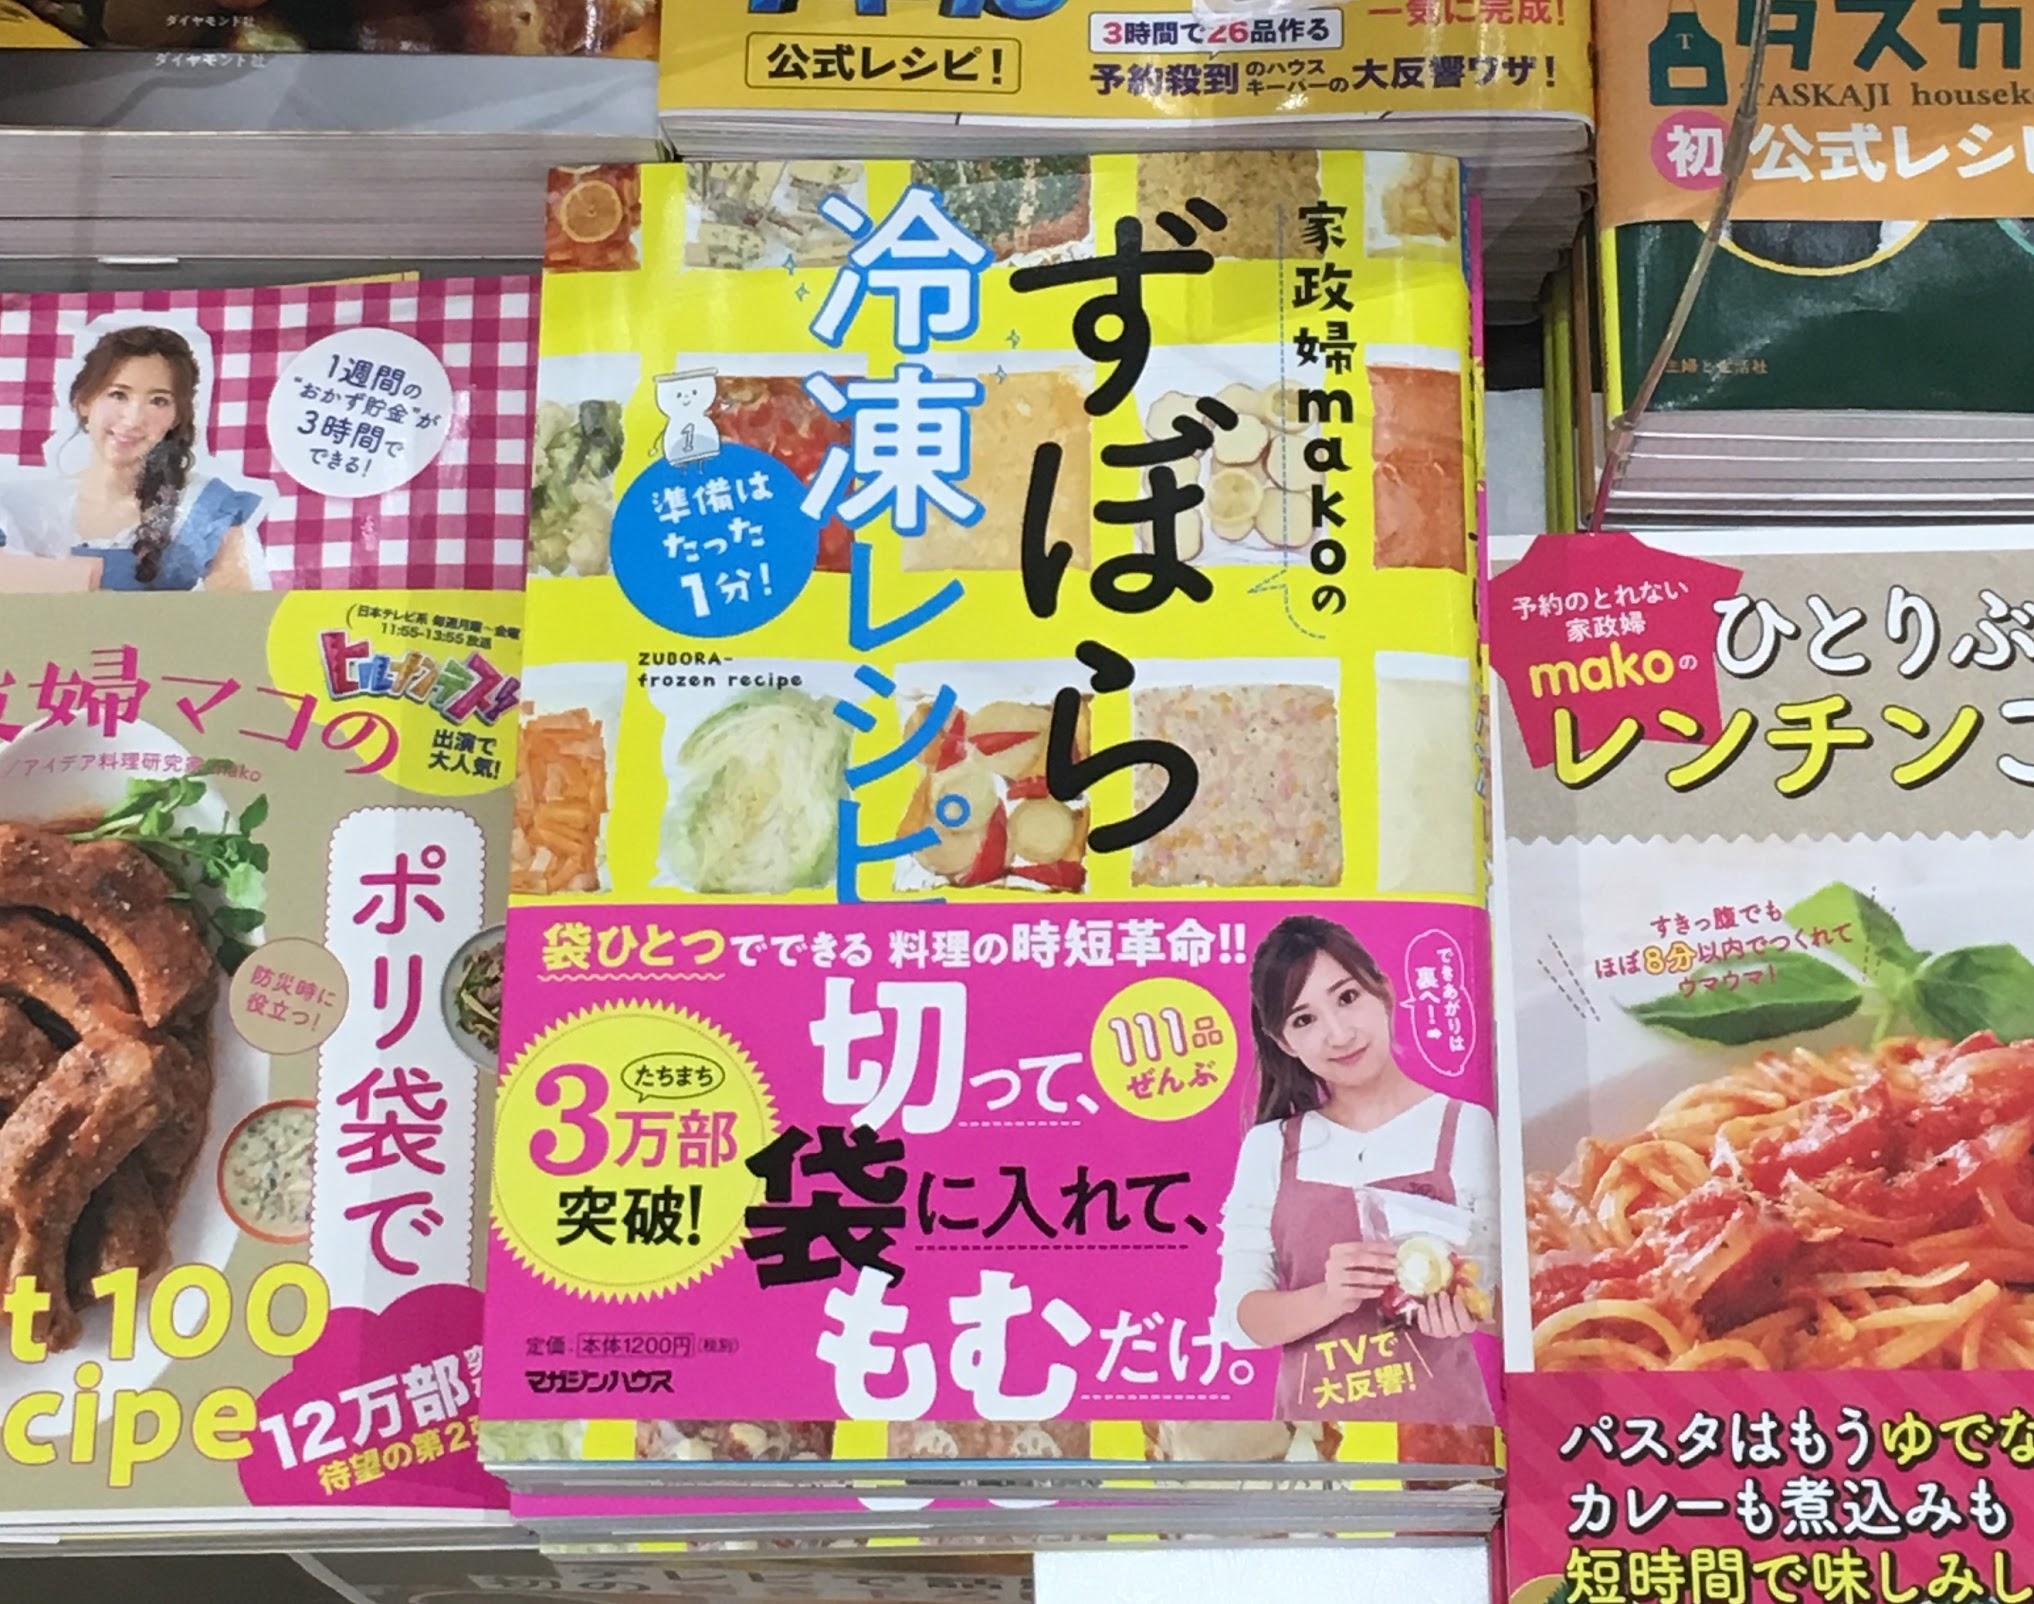 ずぼら冷凍レシピ_アイキャッチ